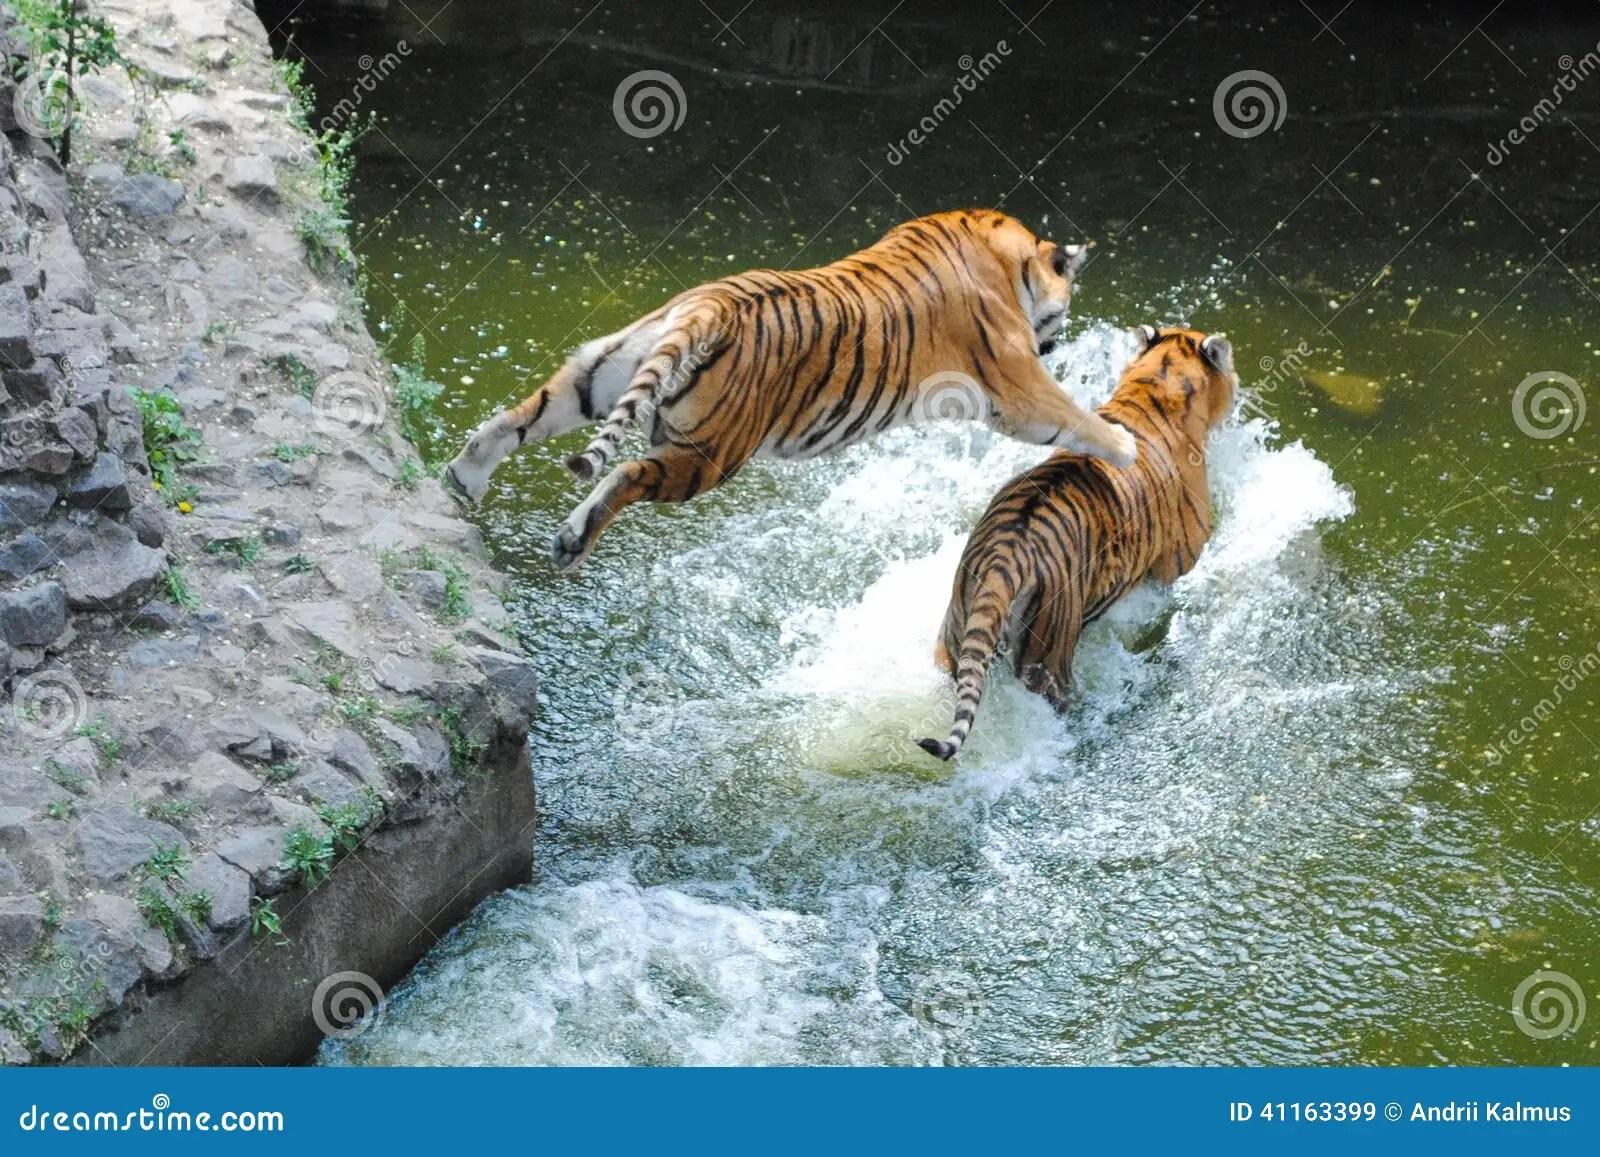 Animal Print Desktop Wallpaper Tiger Jumping On Tiger In Water Stock Image Image Of